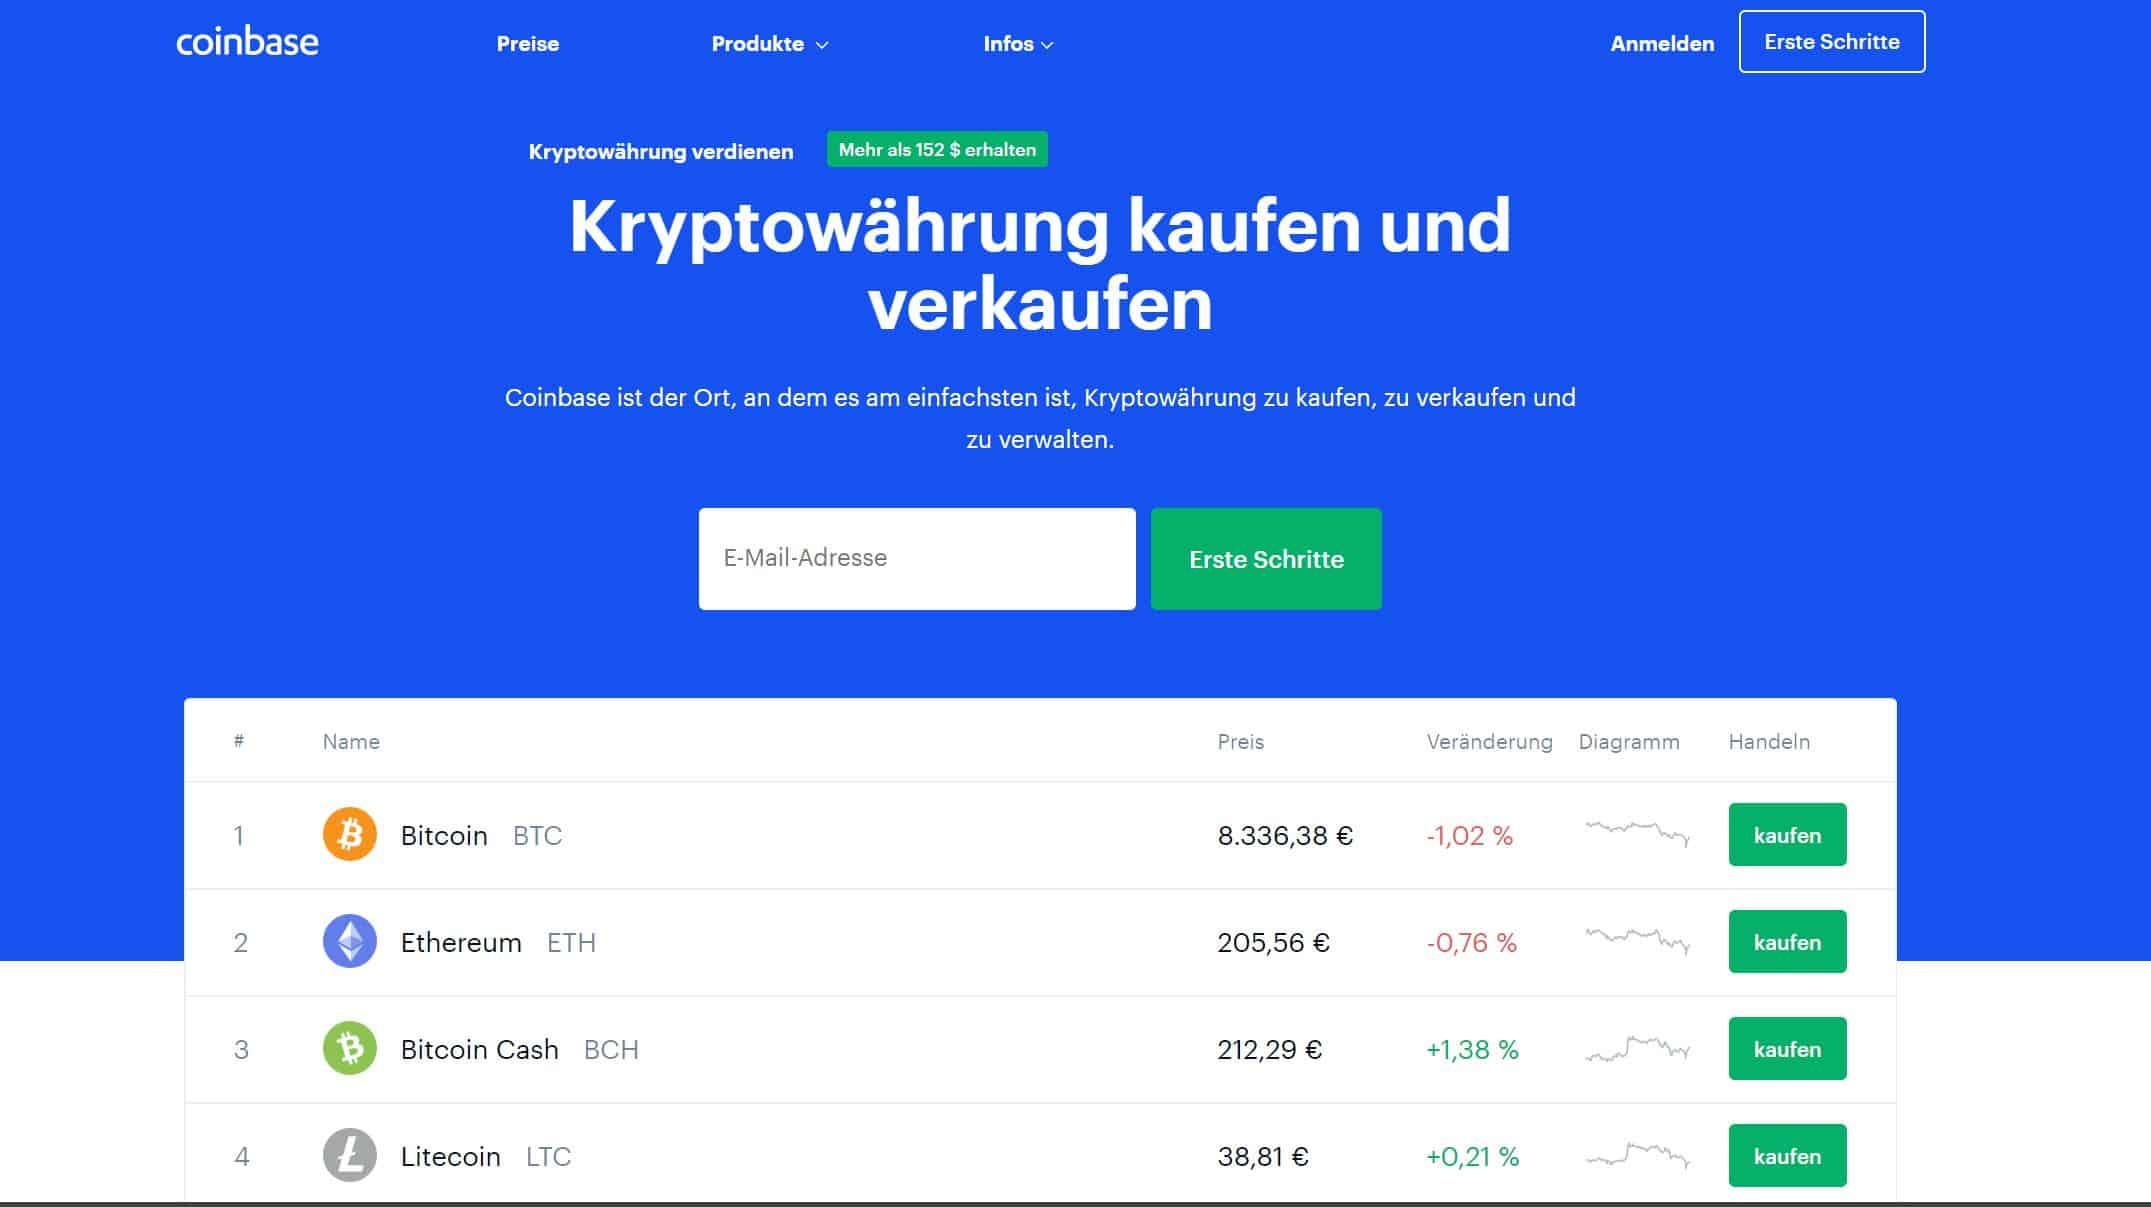 Coinbase Erfahrungen lohnen sich auch ohne eigenes Investment